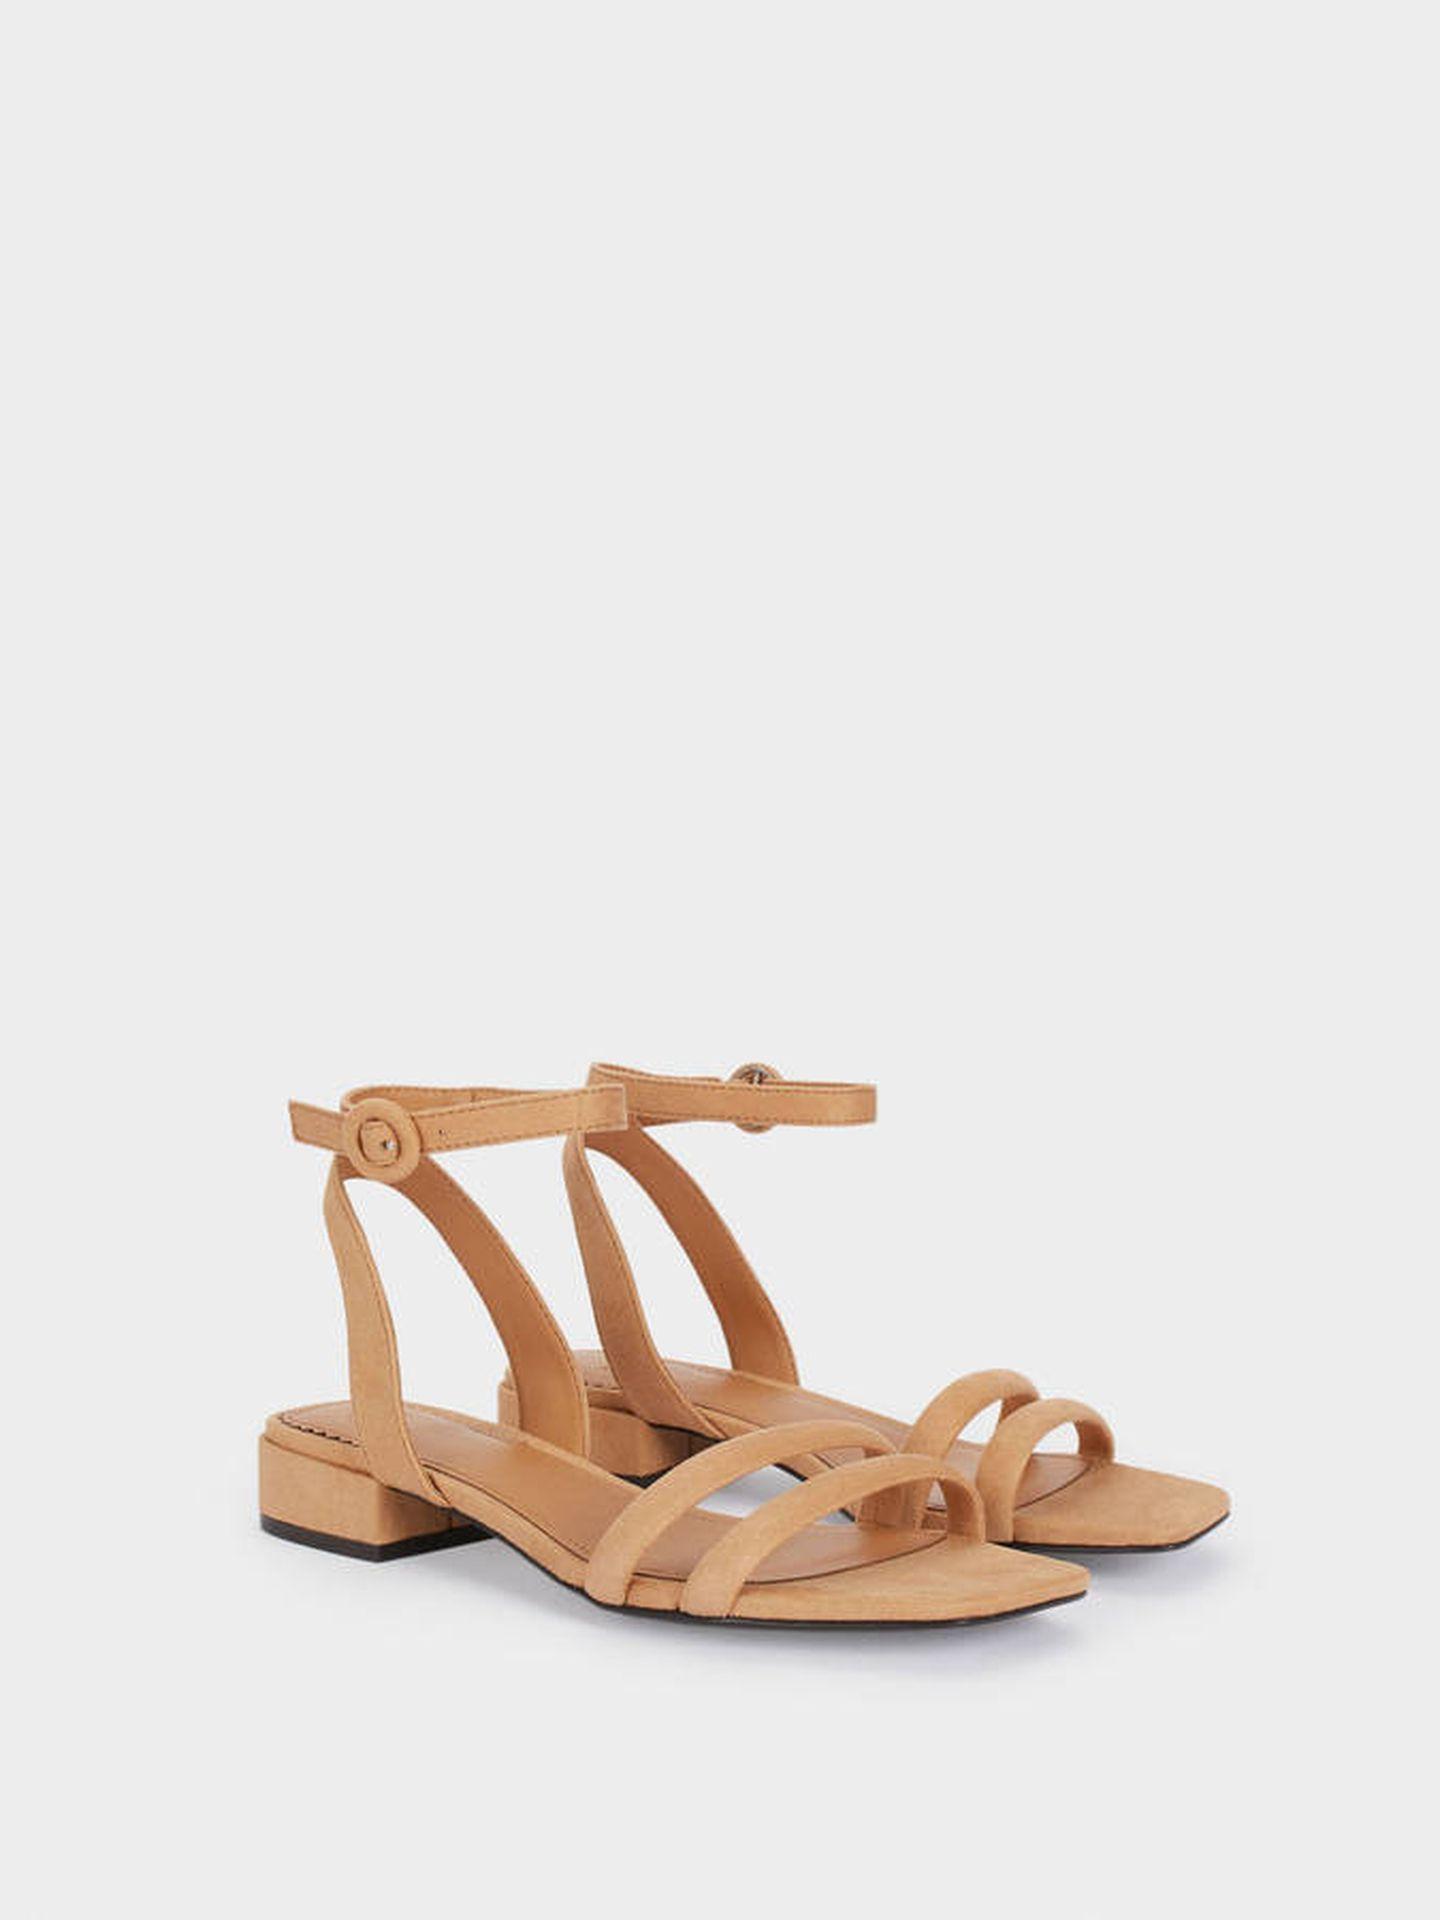 Sandalias low cost de Parfois. (Cortesía)